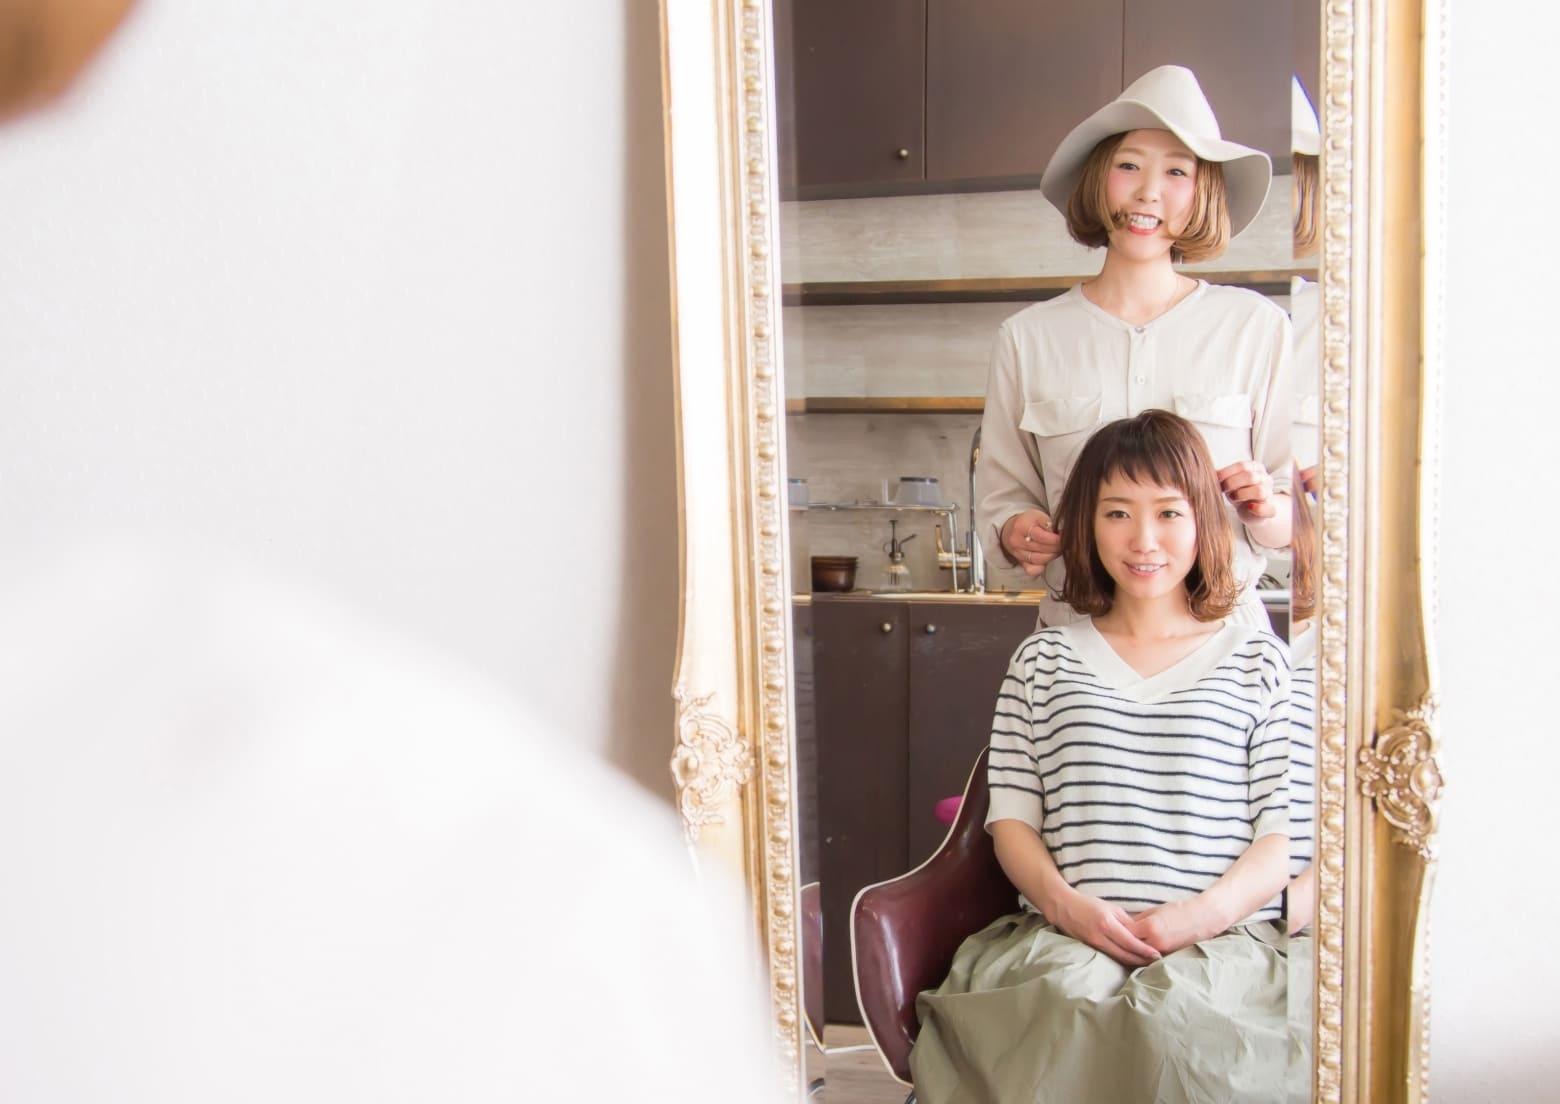 美容院・エステサロン他【全国版】の店舗リストを販売開始いたしました。